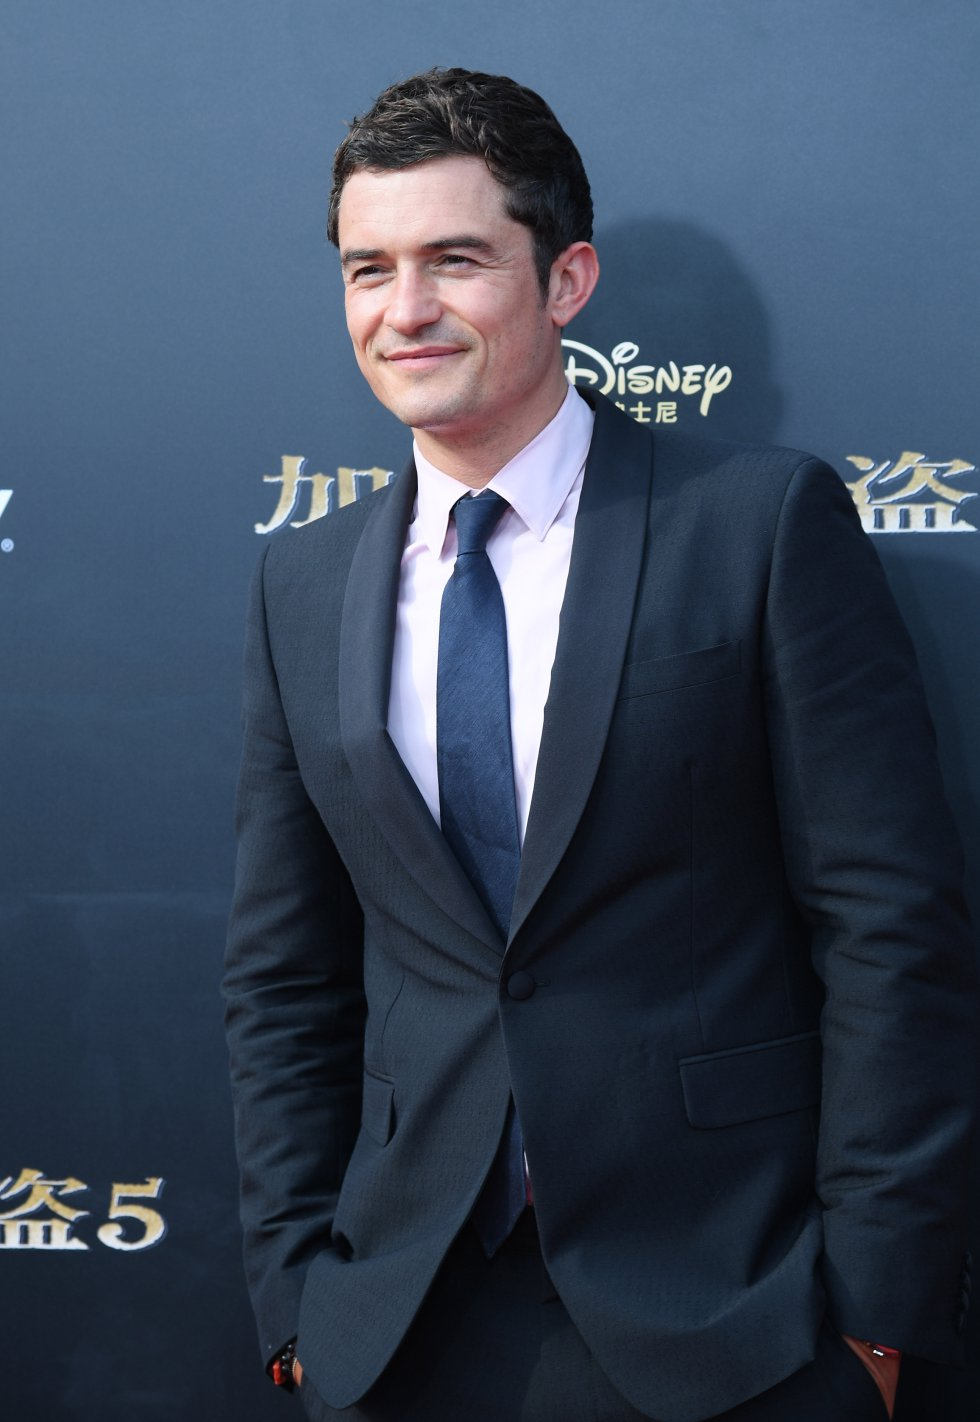 El actor inglés Orlando Bloom causó histeria entre los asistentes a la premiere.